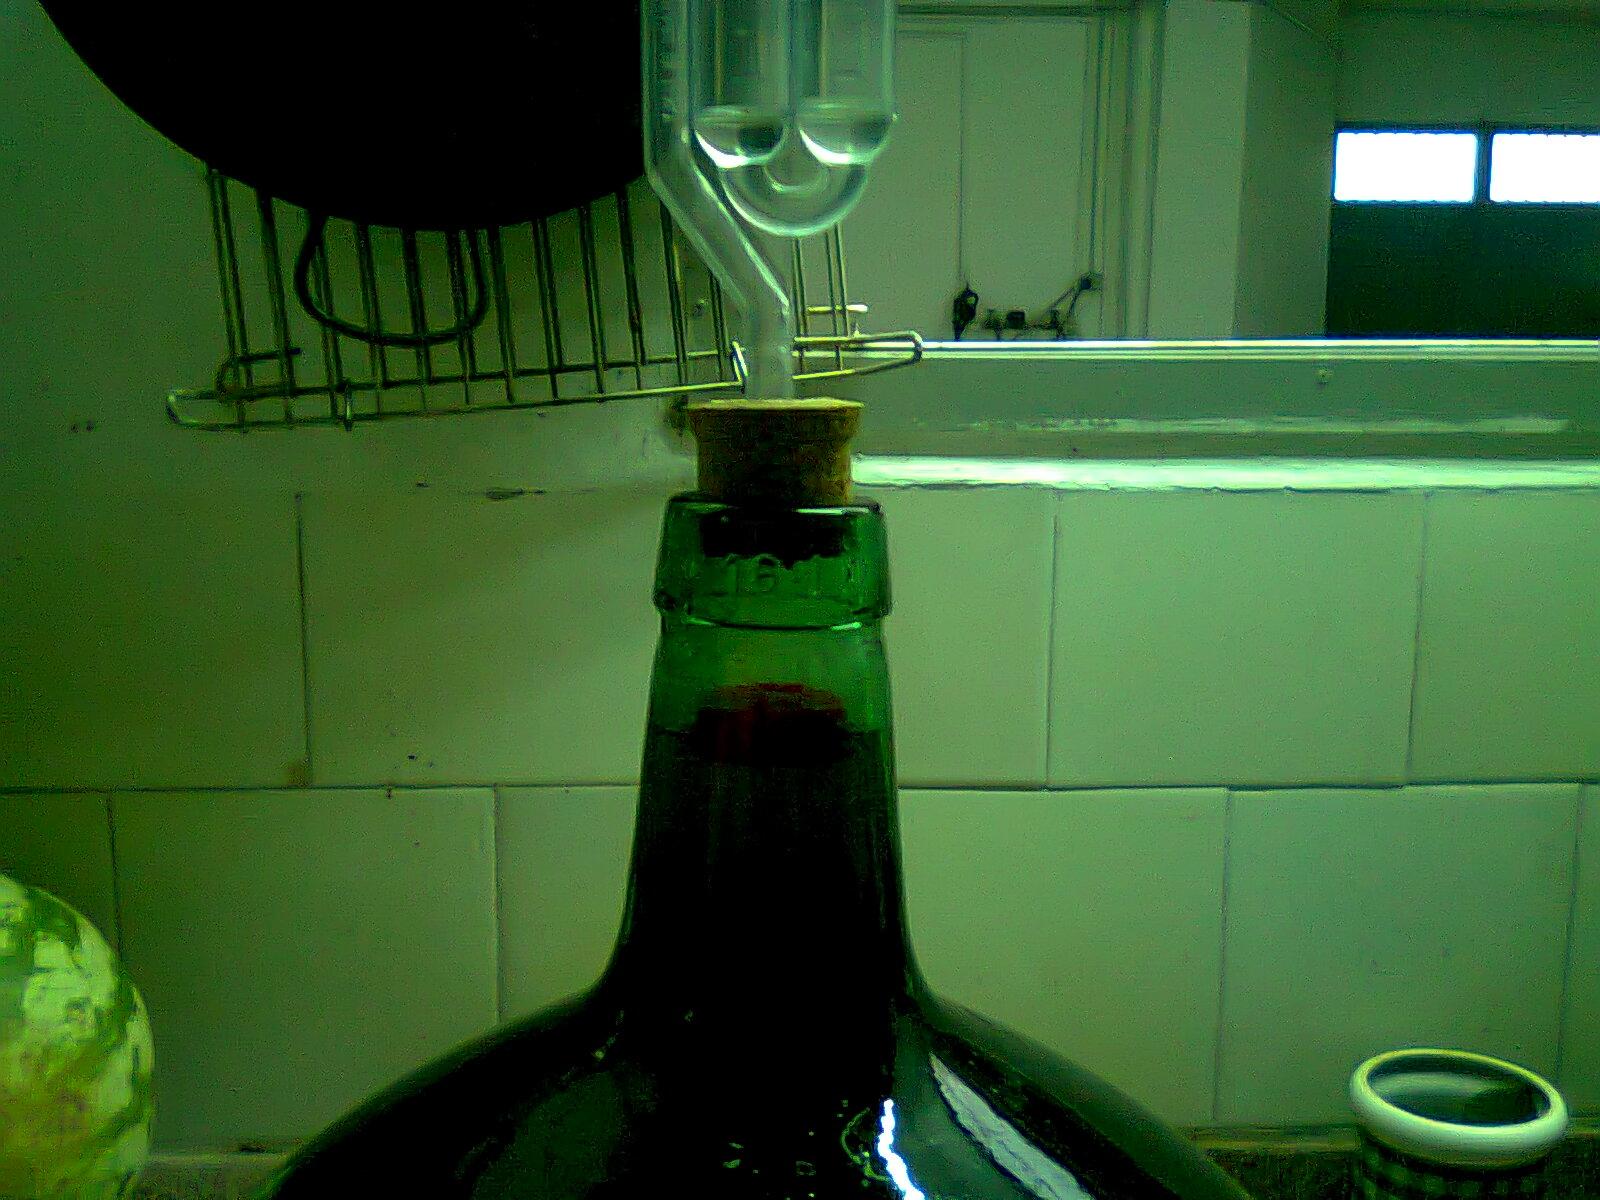 Imagen del tapón flotando en la superficie del vino con metabisulfito en el interior